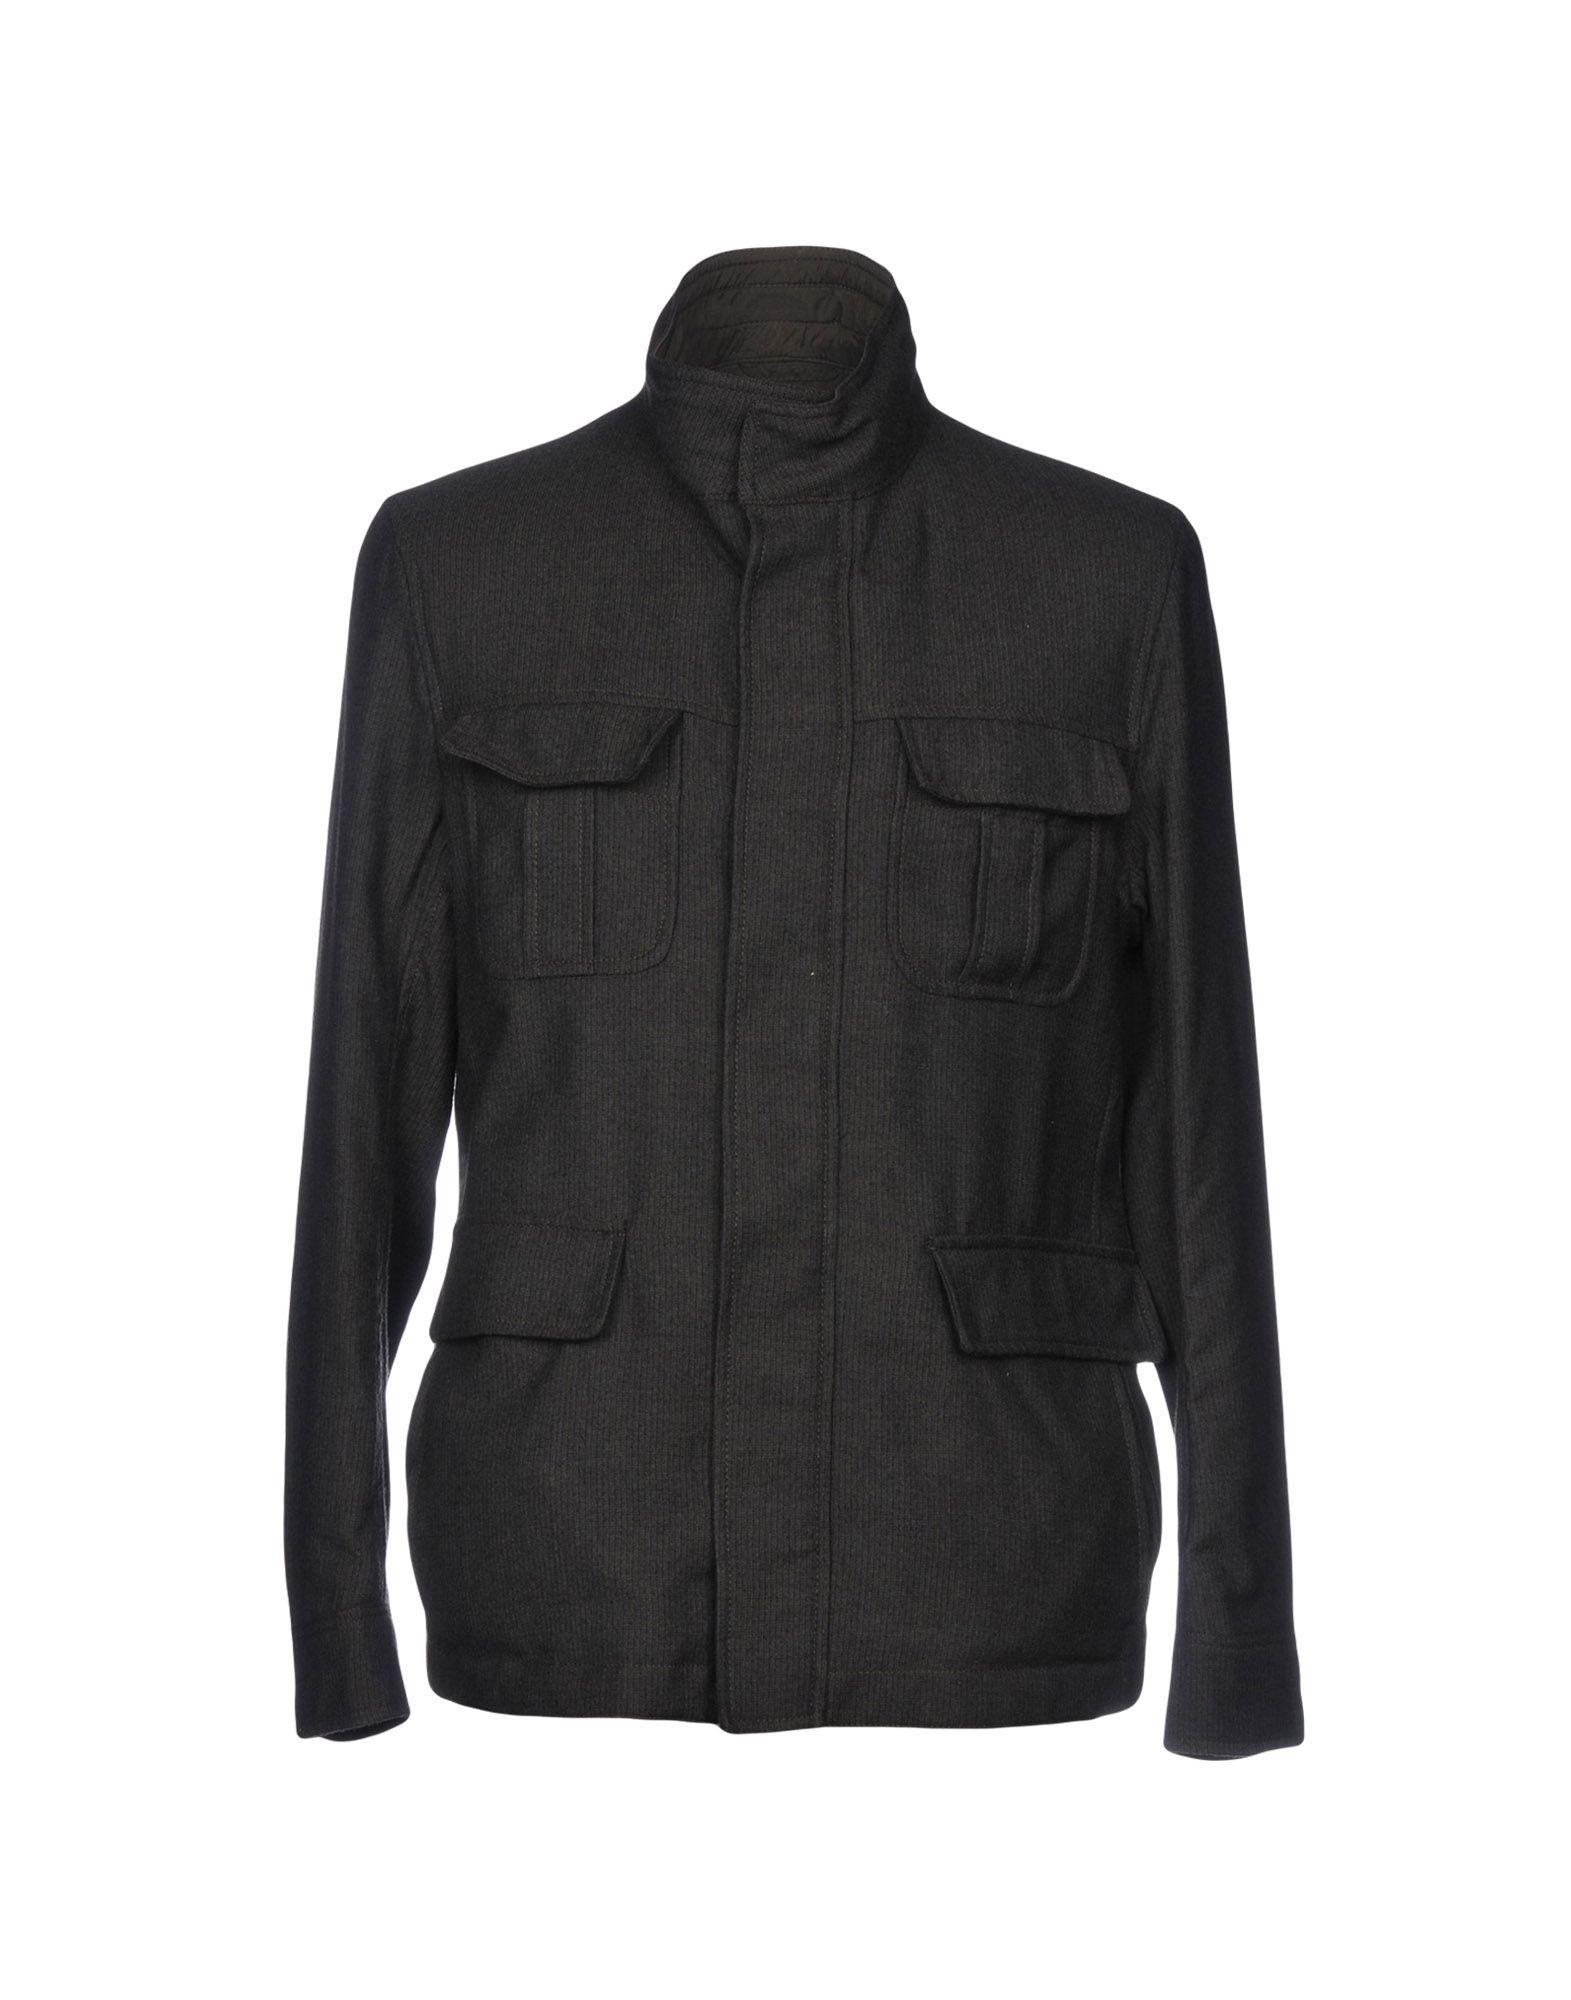 RVR LARDINI Jacket in Steel Grey